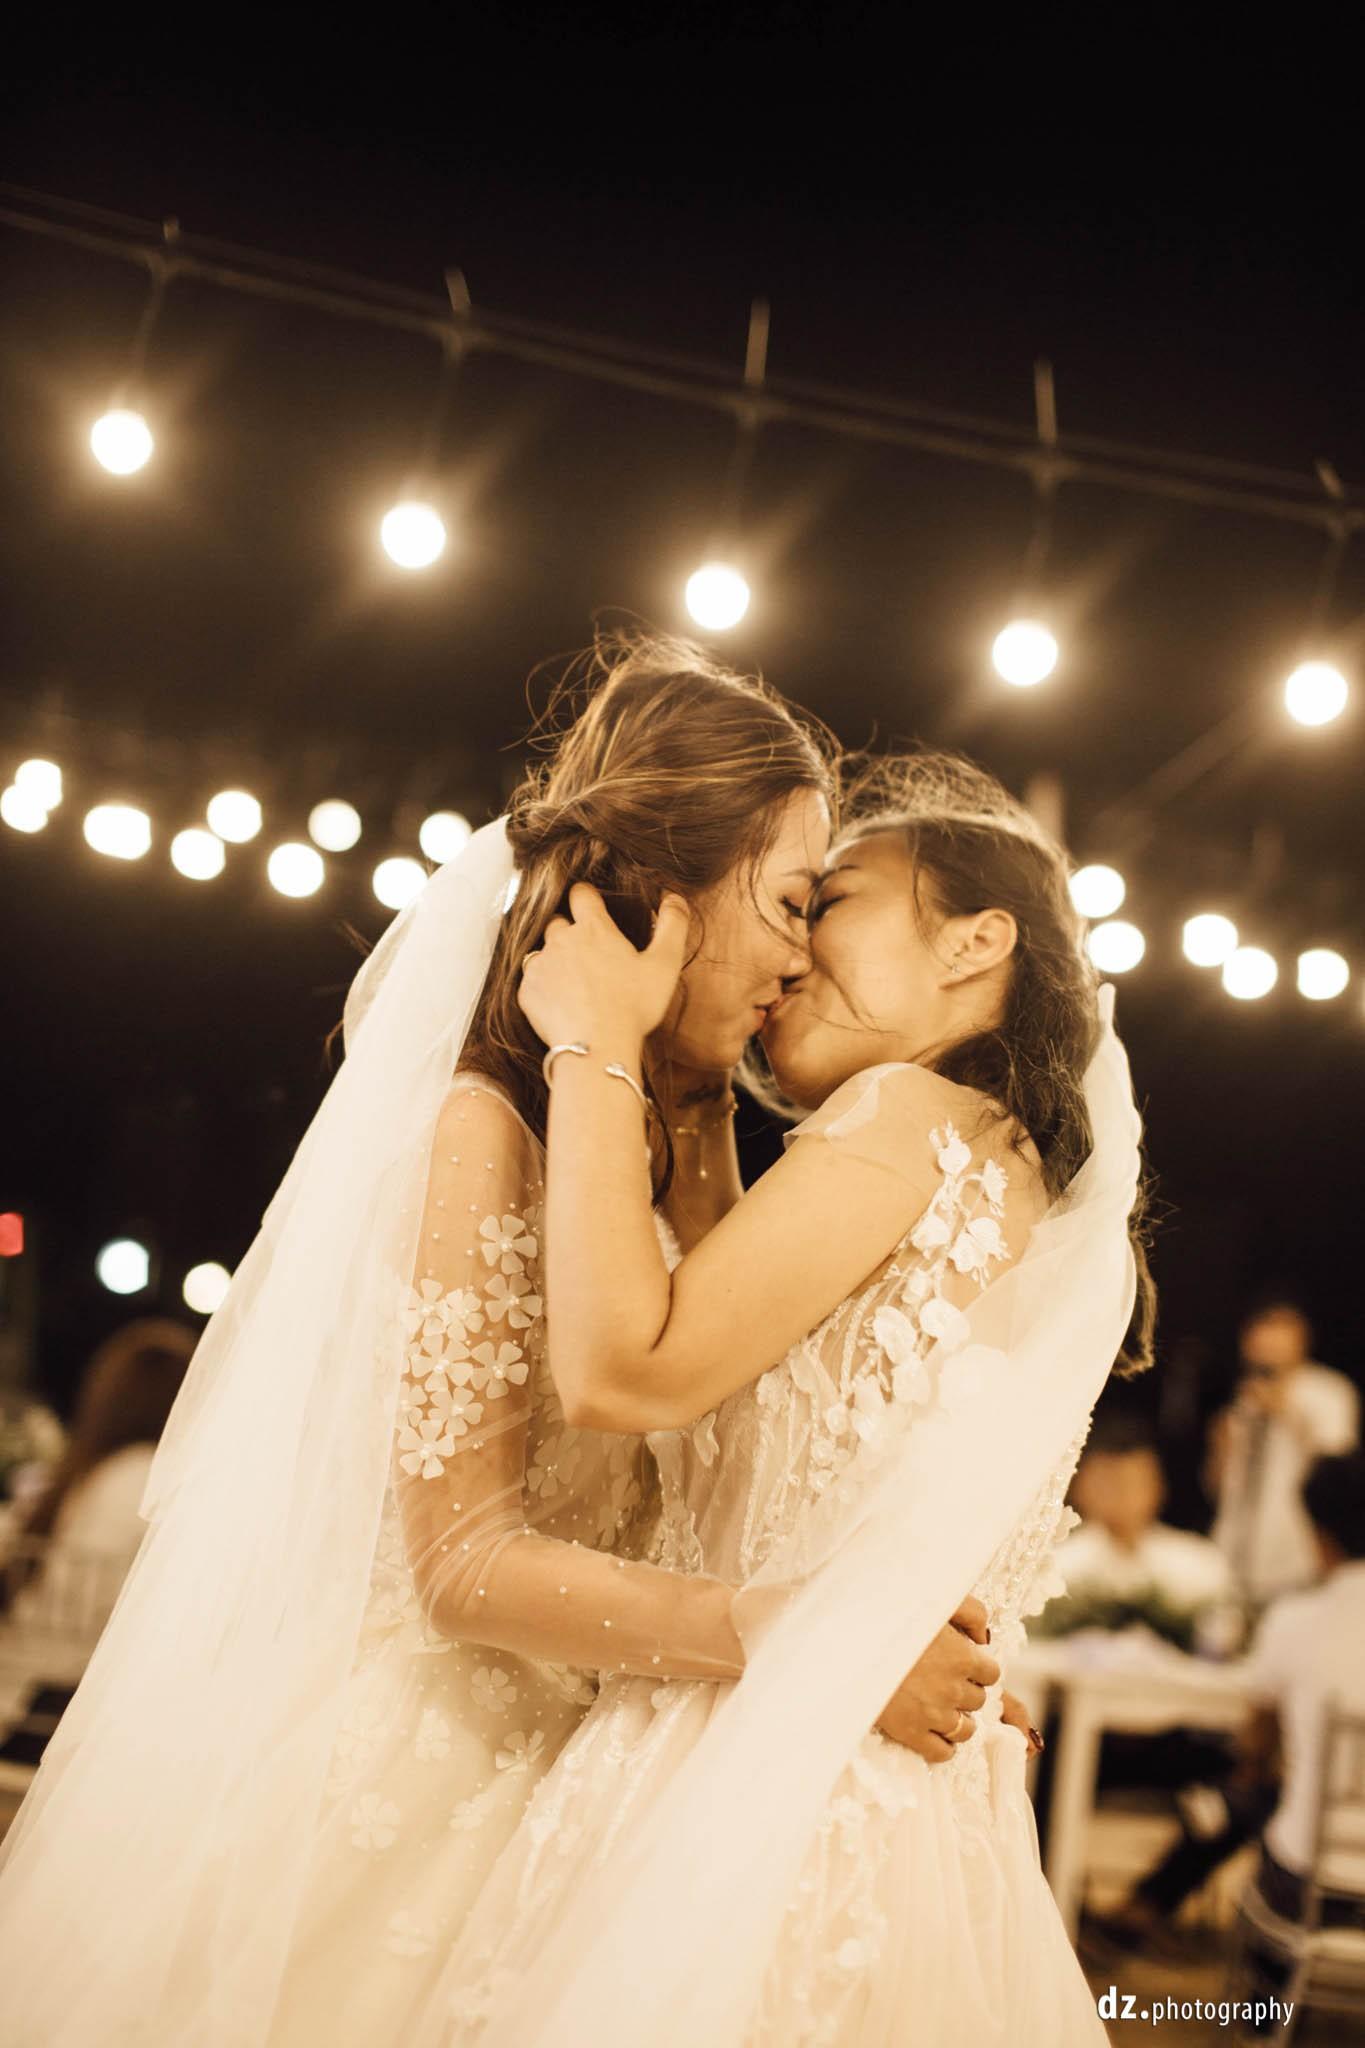 Đám cưới đồng tính của hai cô gái từng là tình địch giữa bãi biển Bình Thuận thơ mộng - Ảnh 13.